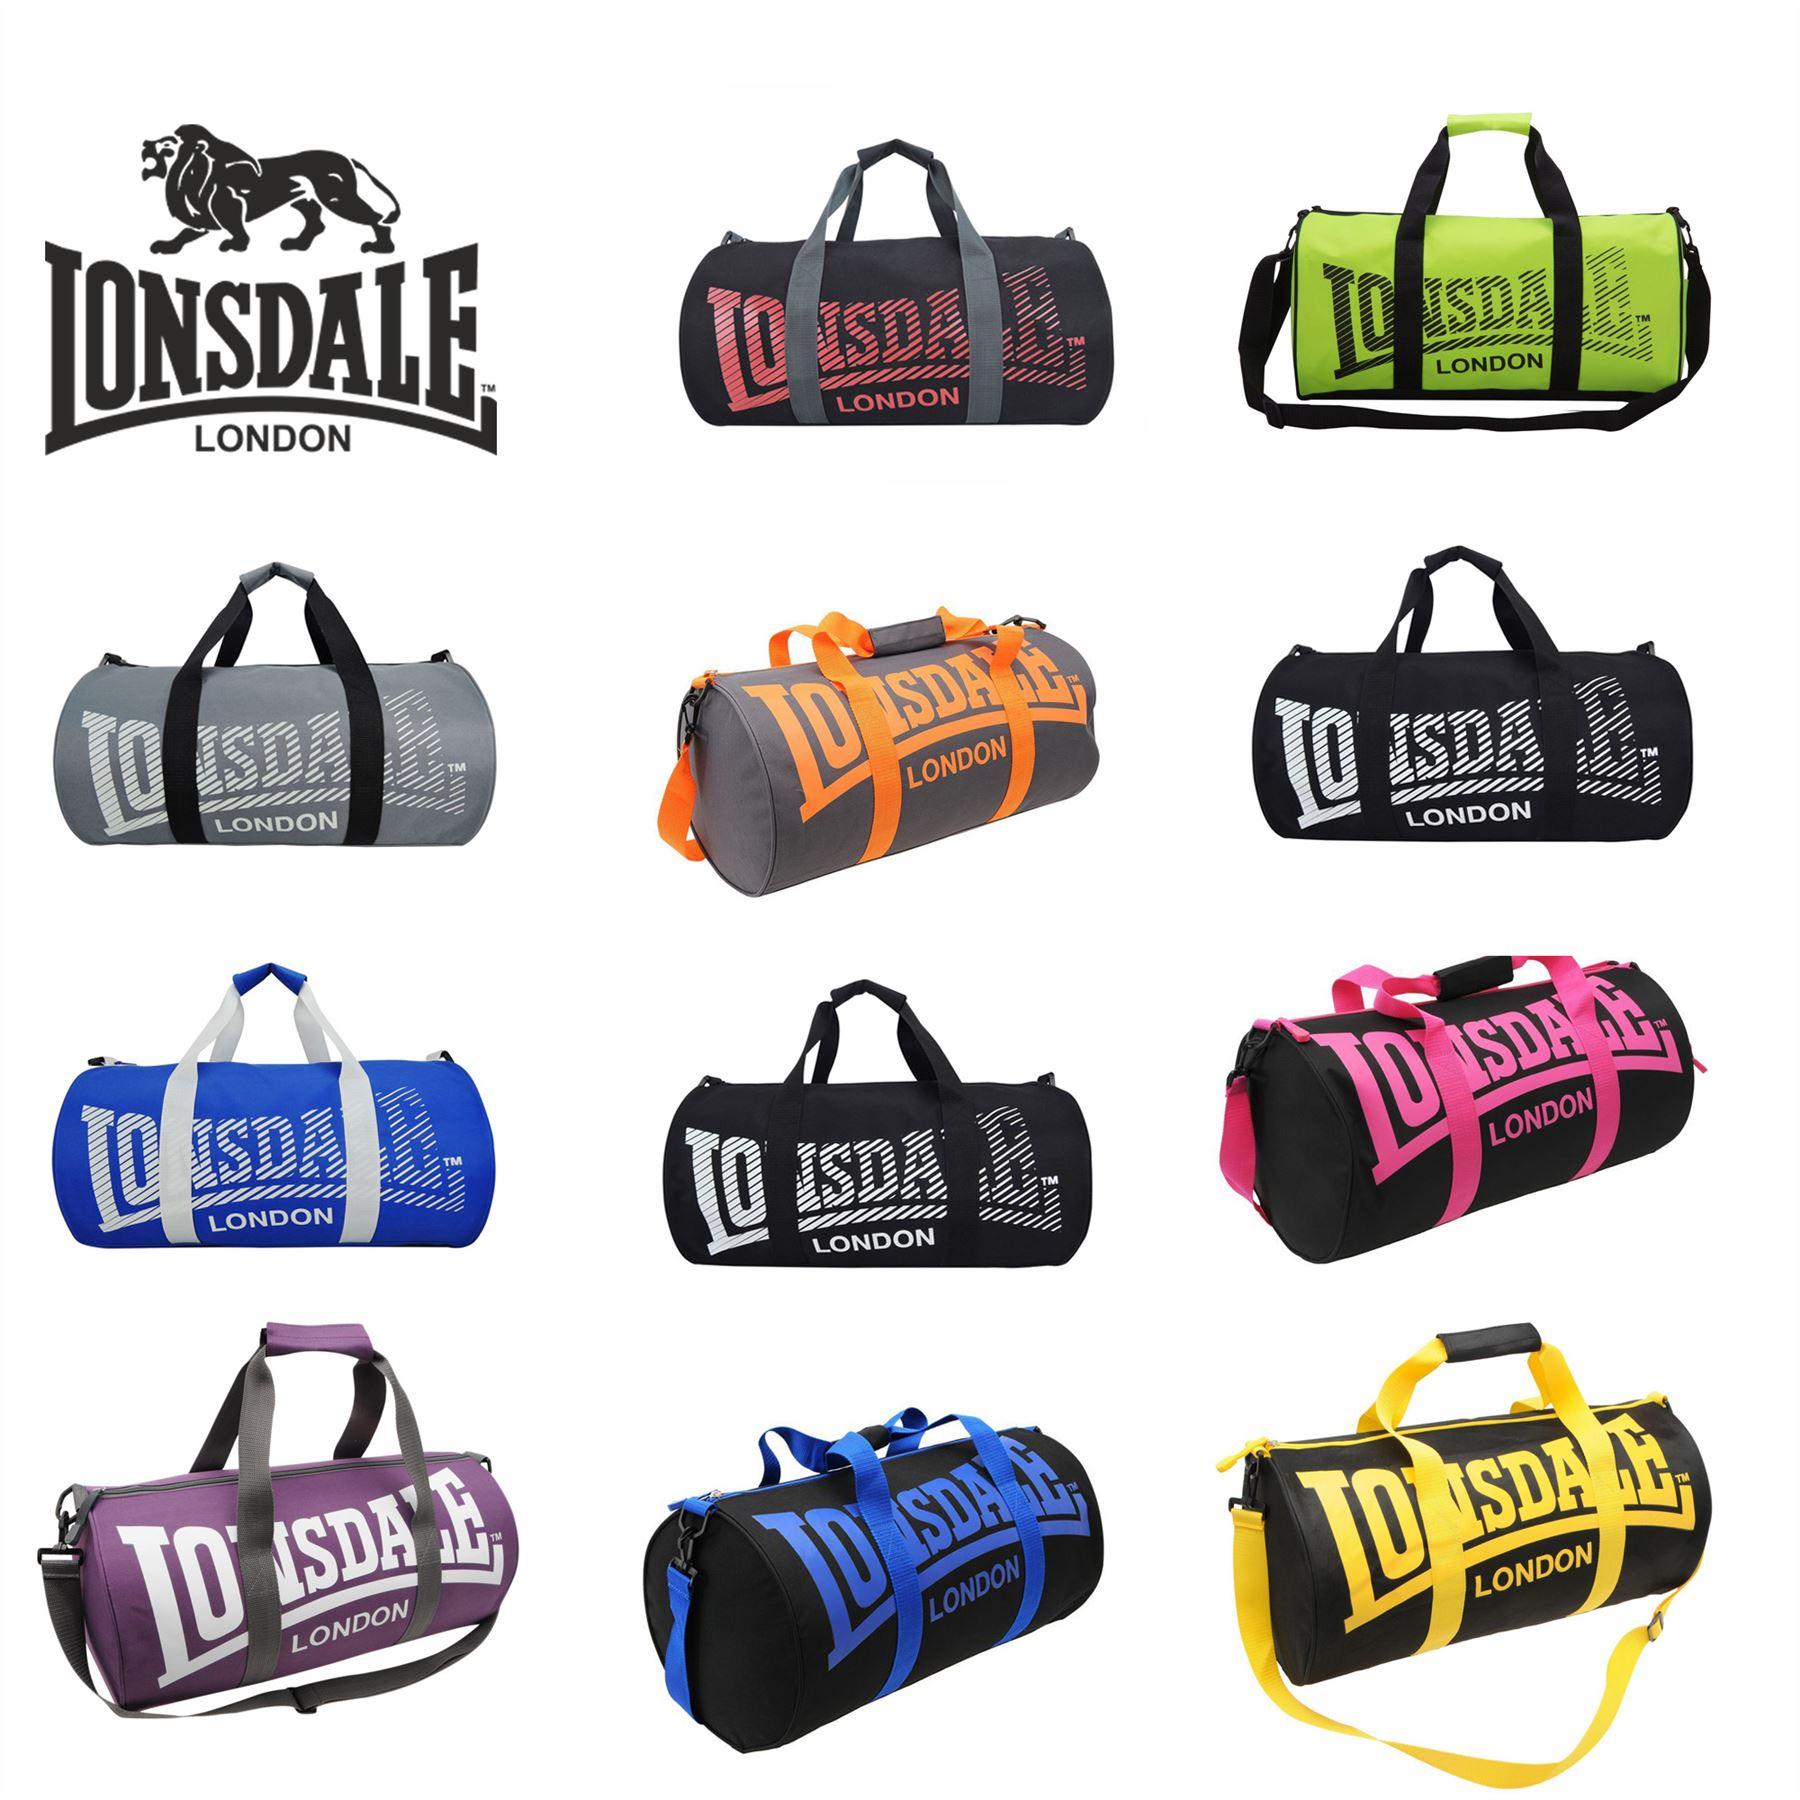 Details about Lonsdale London Holdall Barrel Bag Kitbag Gym Fitness Carryall fcf42496678ce